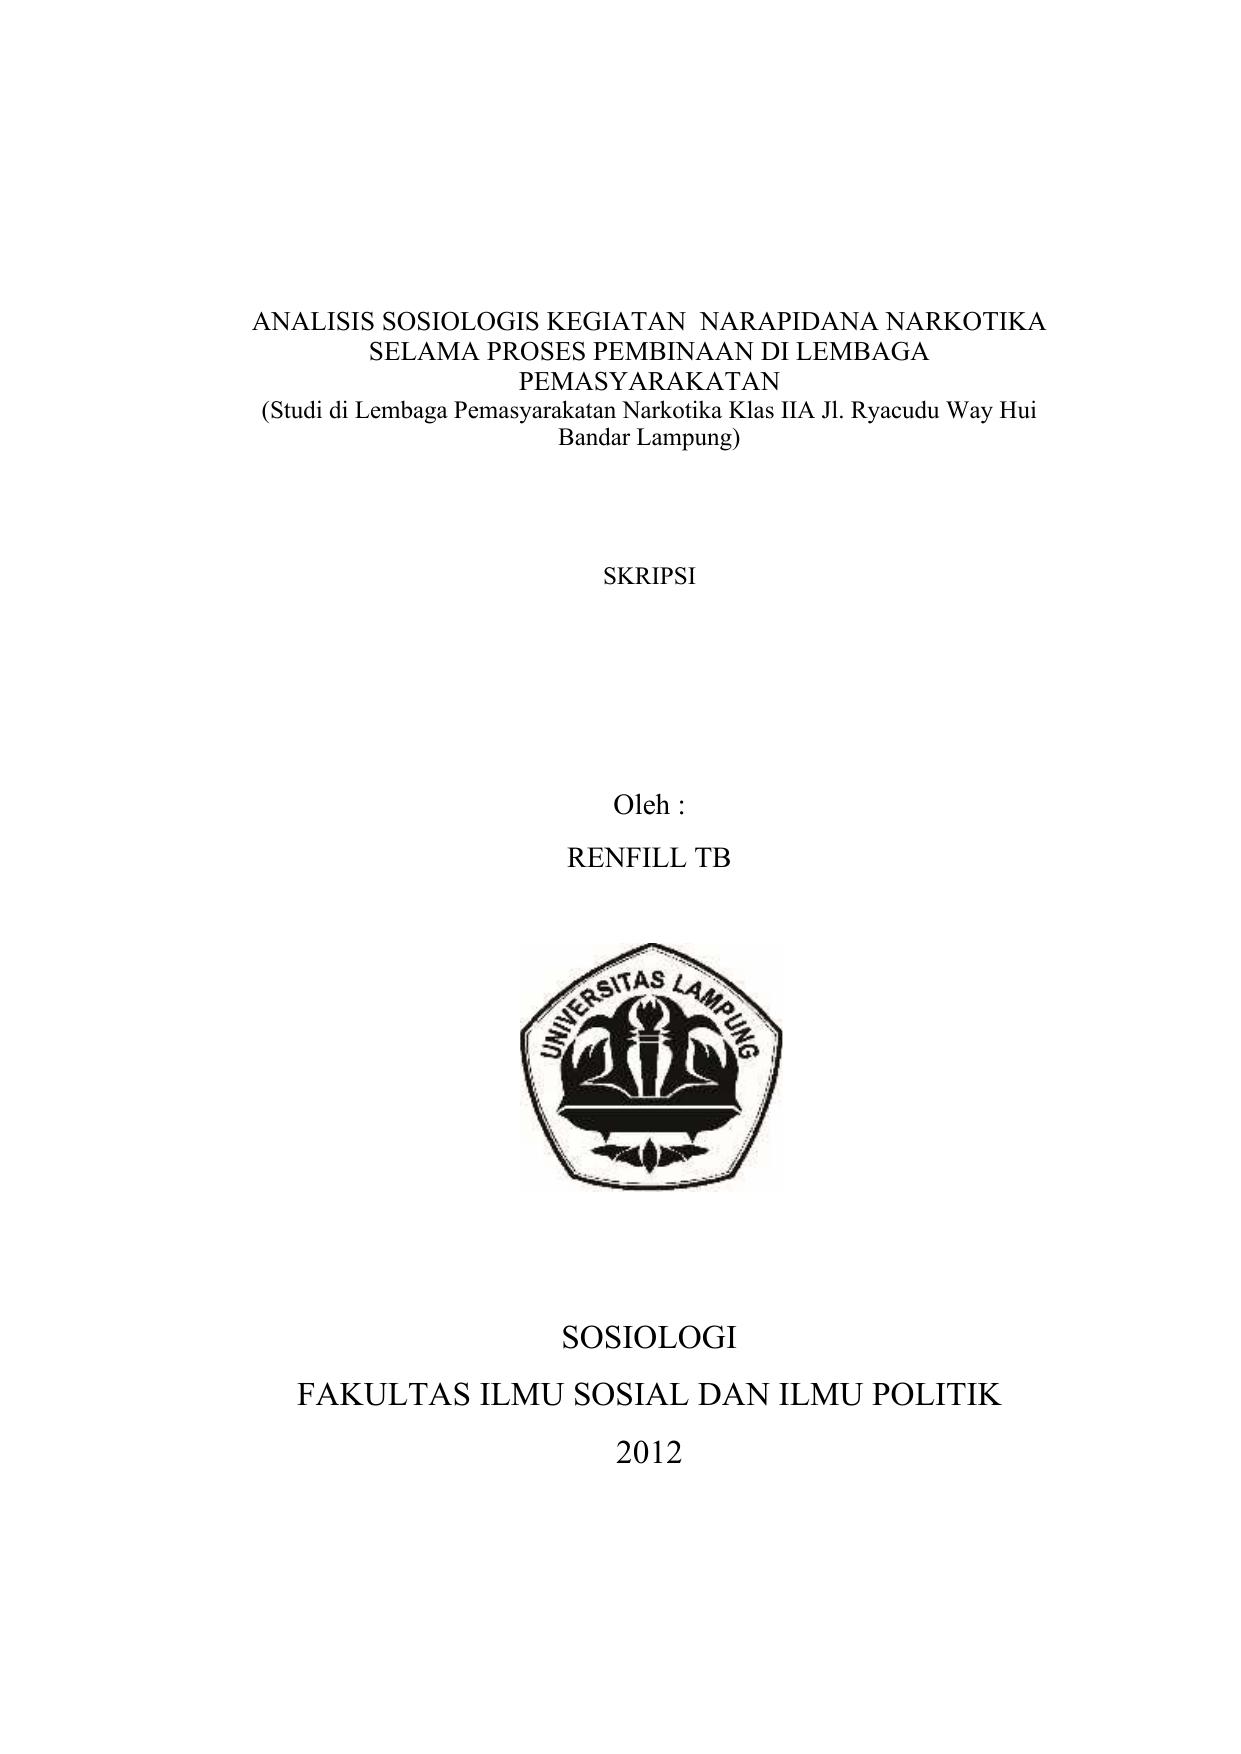 Judul Proposal Sosiologi Lakaran